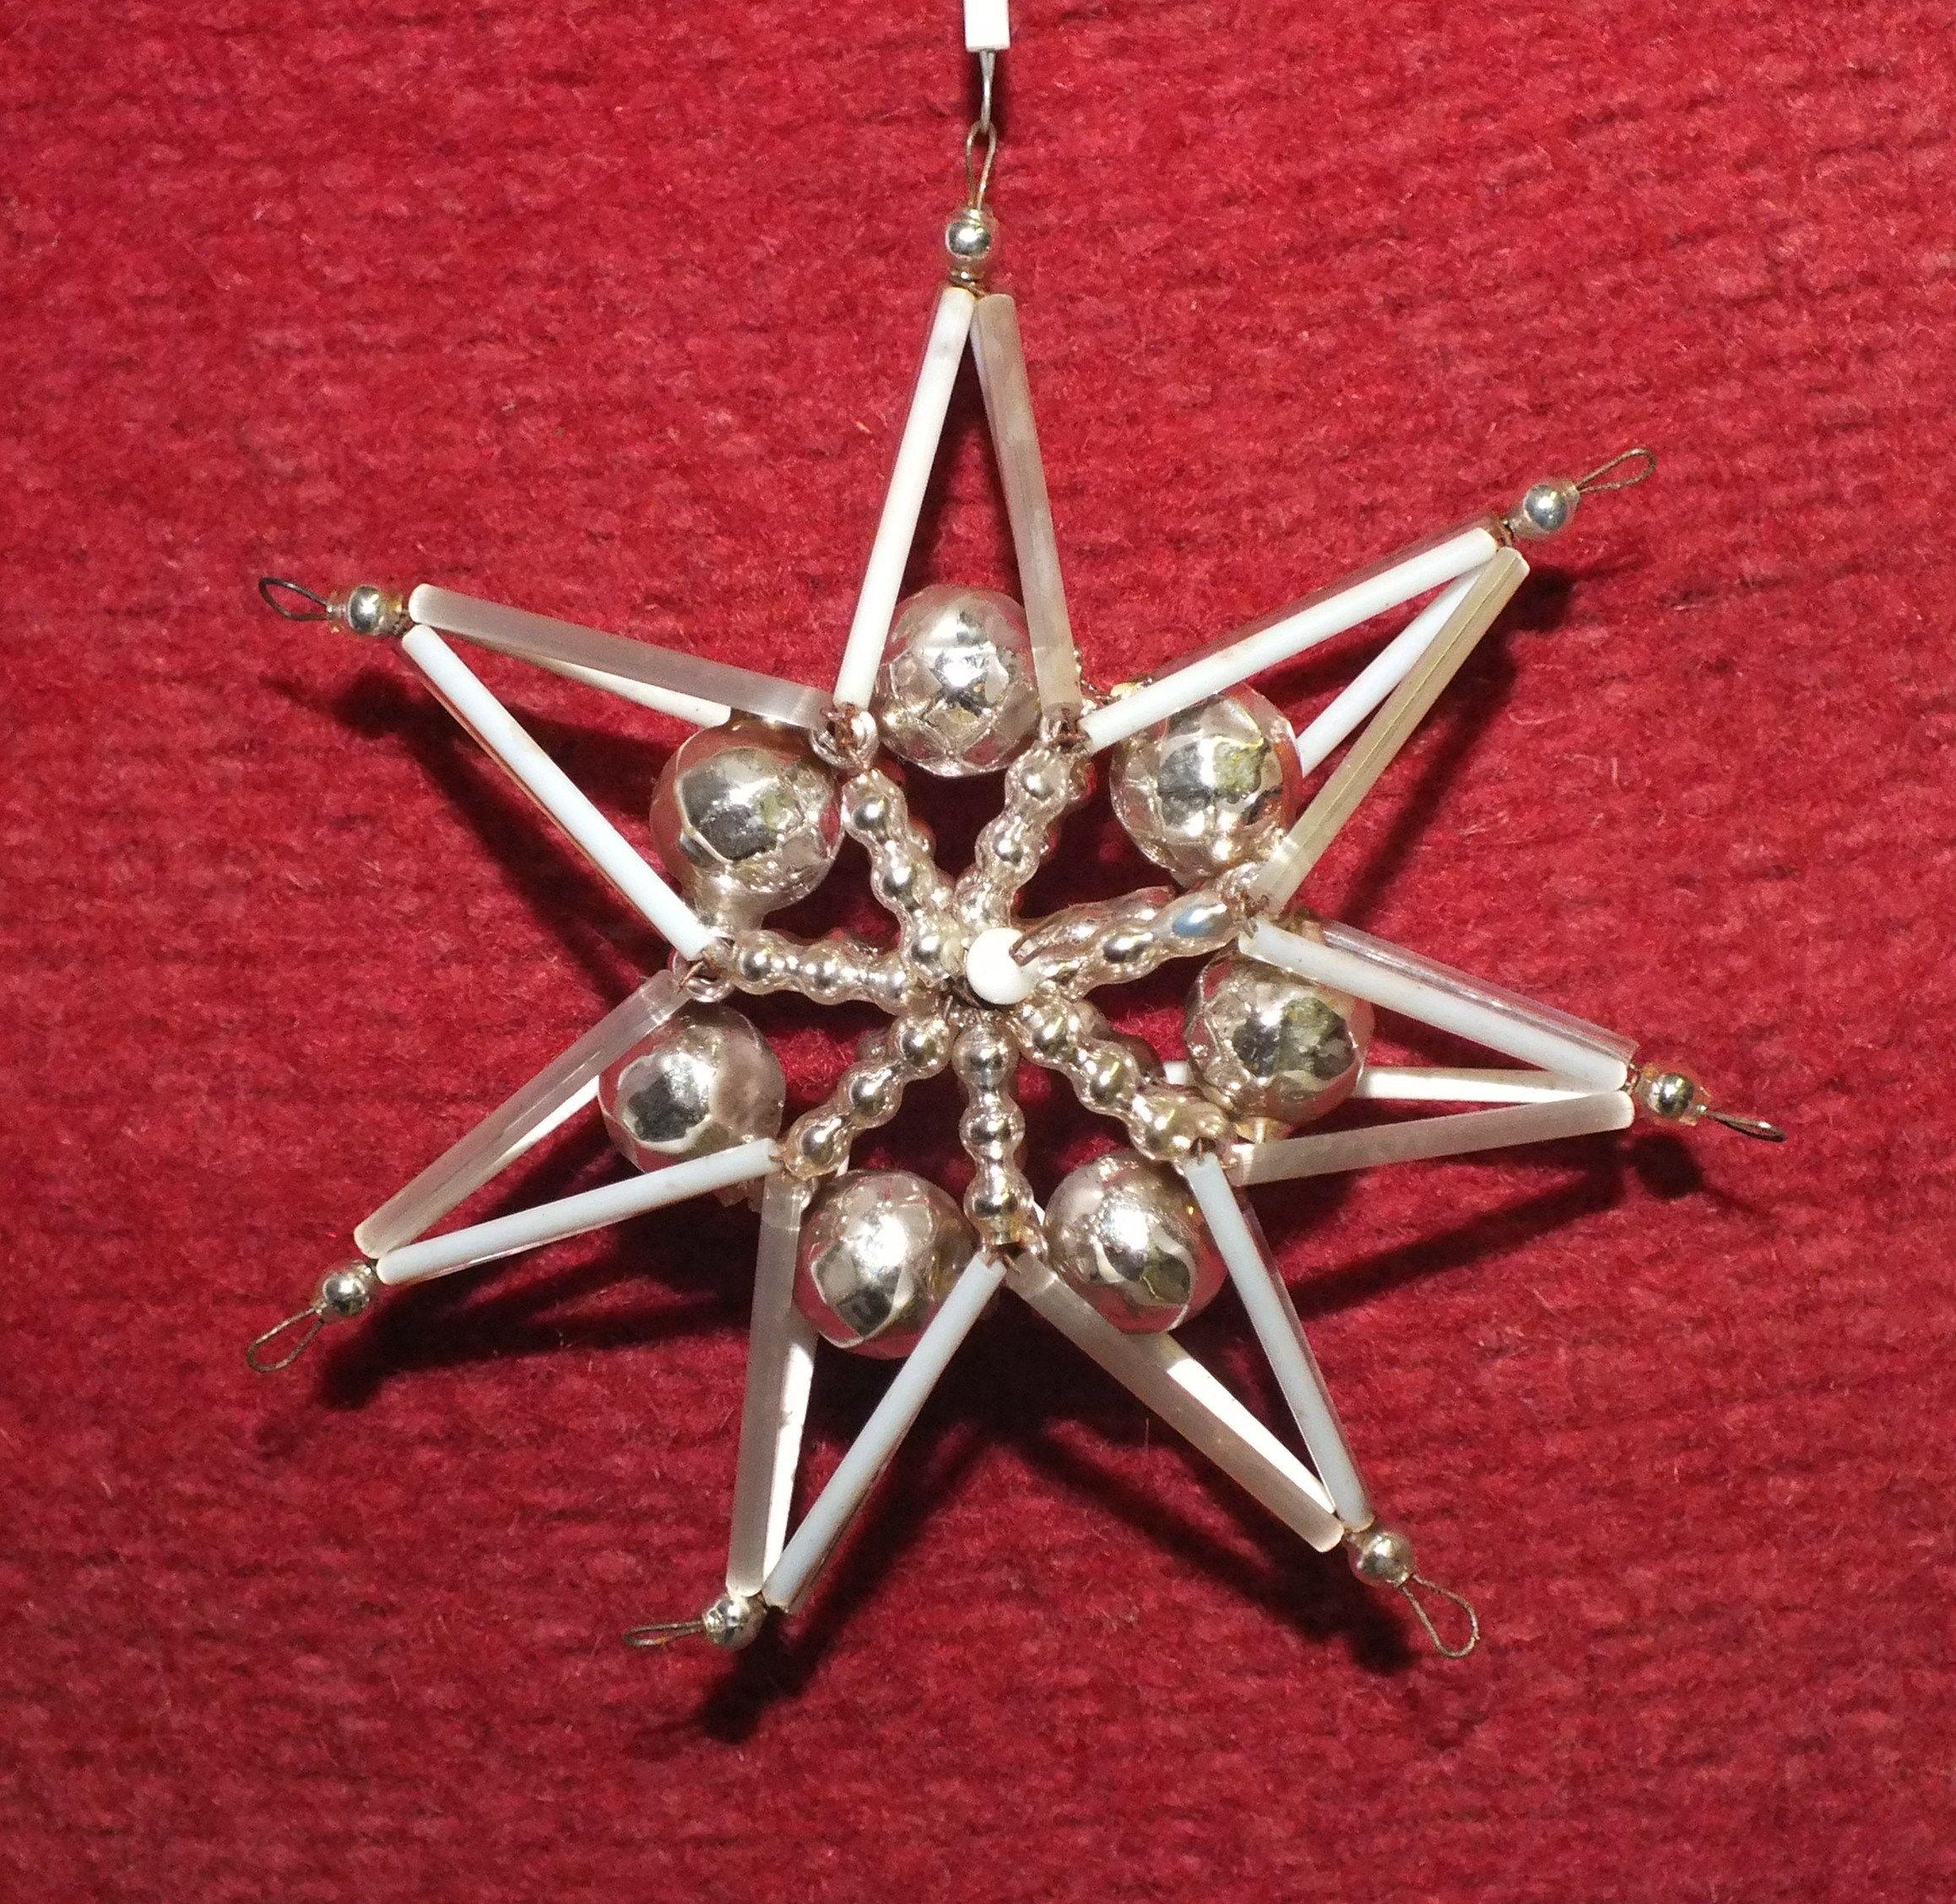 Stern Perlen Silber Eiskristall Metall Weiß Weihnachten: Gablonzer Weihnachtsbaumschmuck - JAUL.biz